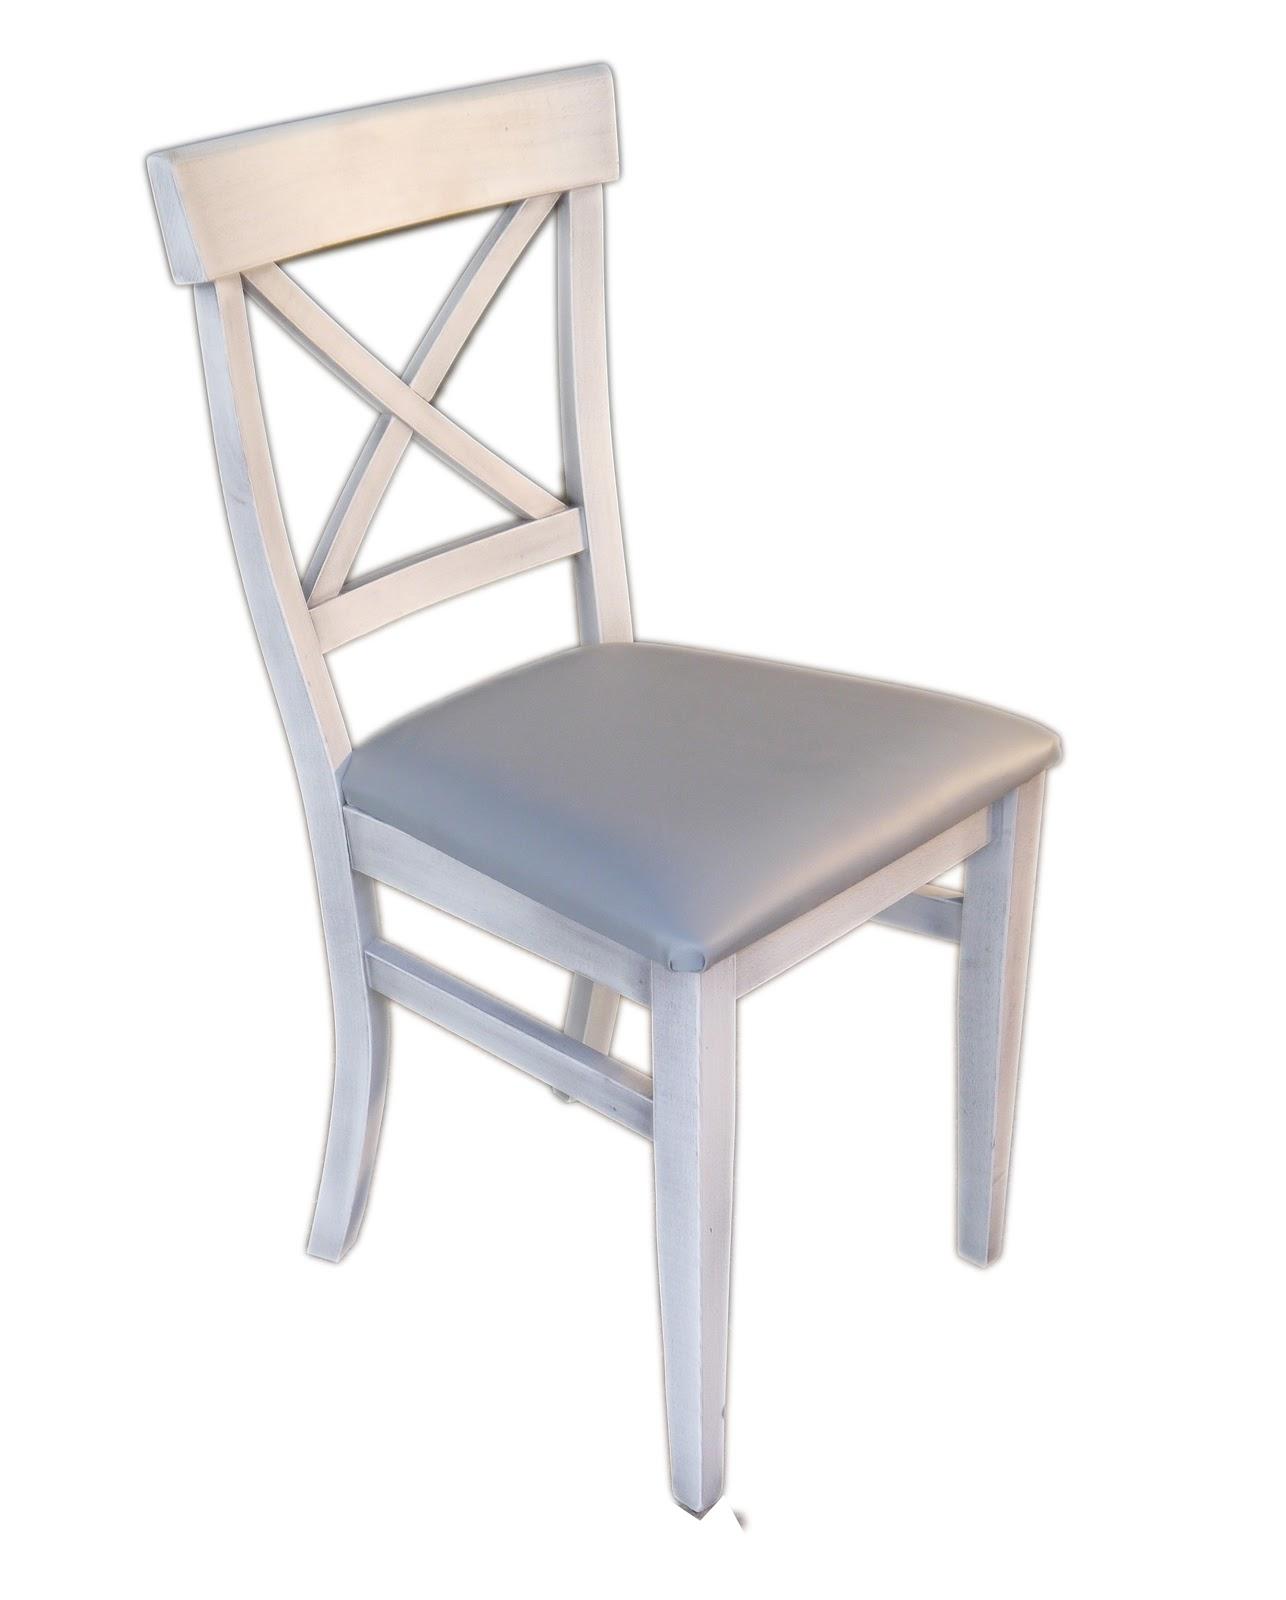 Casa de este alojamiento mesas y sillas rusticas ingles for Mesas y sillas rusticas